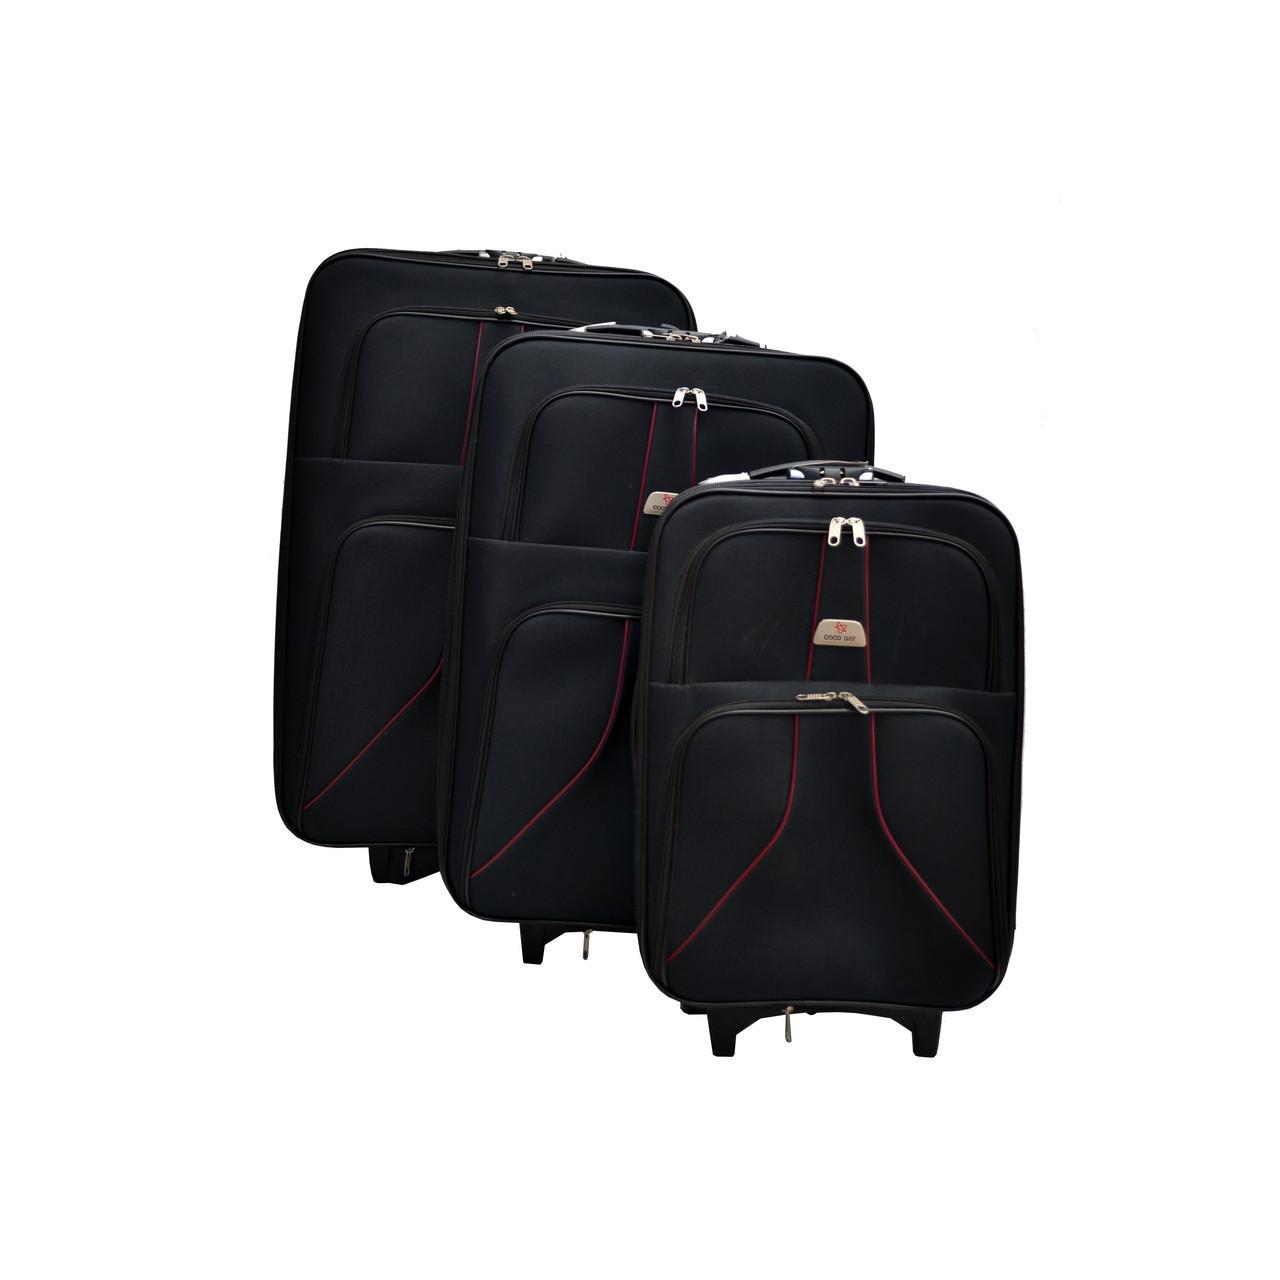 Дорожный чемодан на колесах  размеры: 70 см х 49 см х 24+5 см